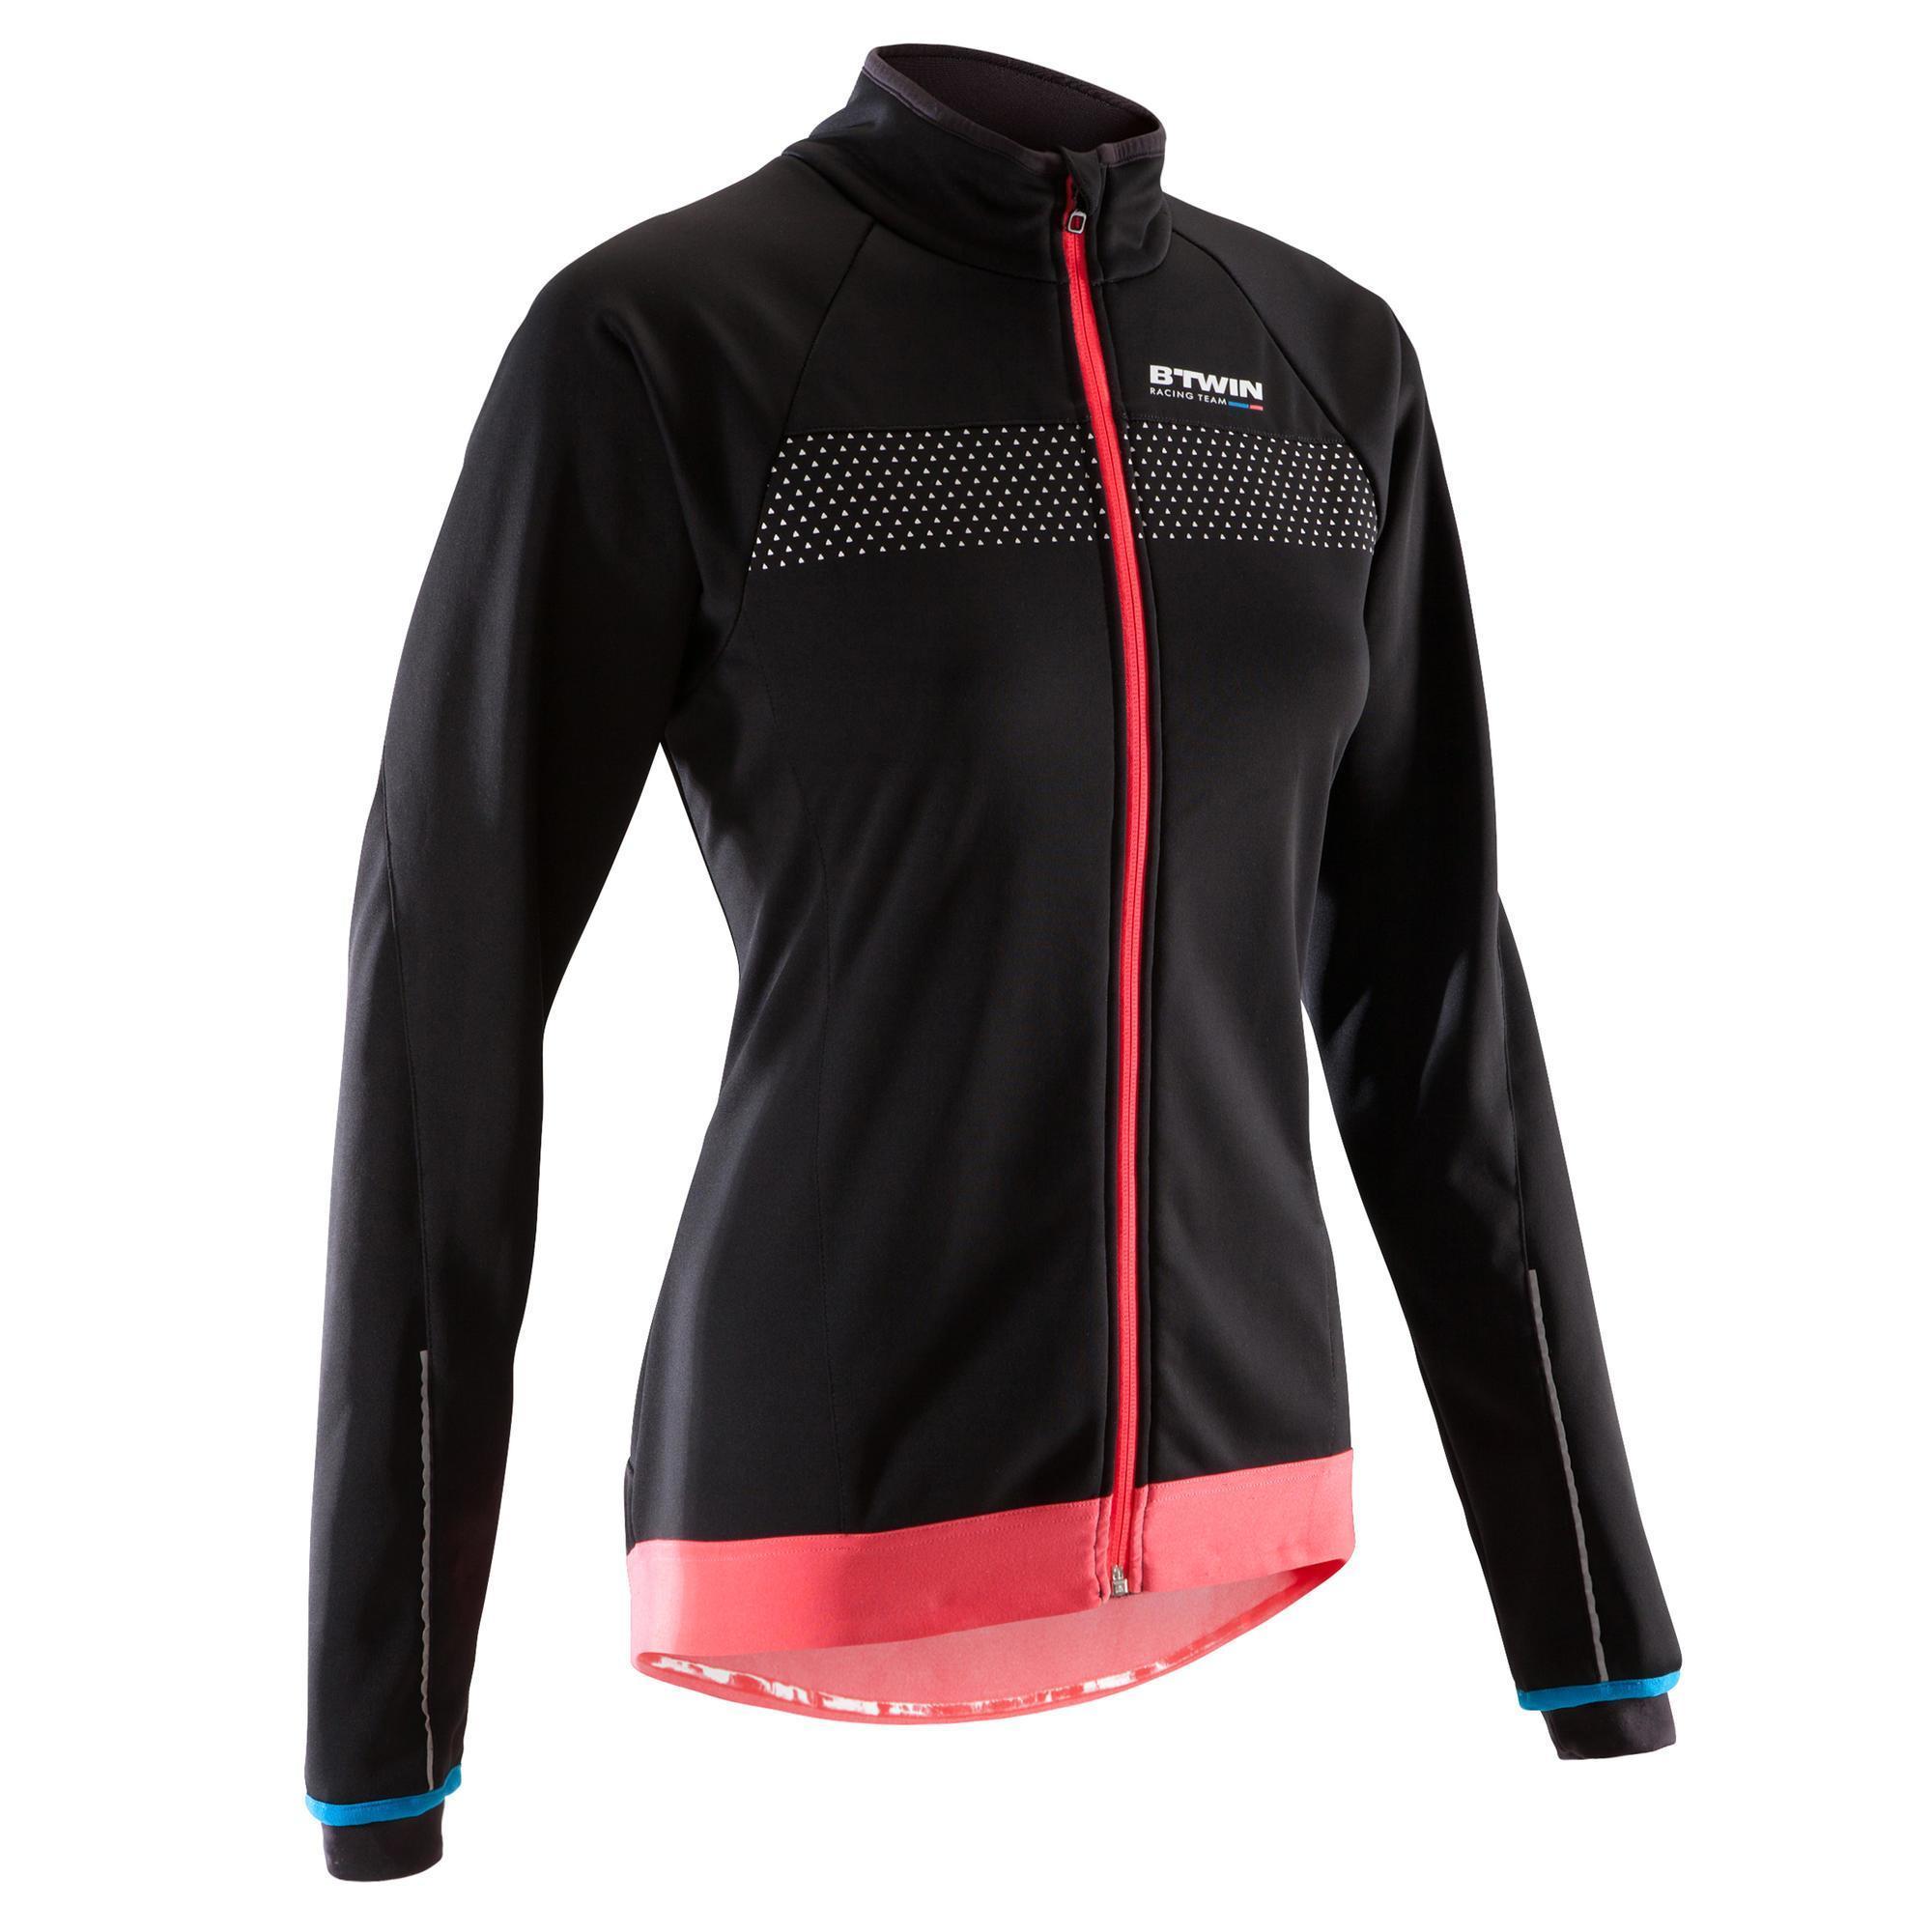 Fahrradjacke Rennrad 900 Damen schwarz | Sportbekleidung > Sportjacken > Fahrradjacken | Schwarz - Rot - Rosa | Van rysel